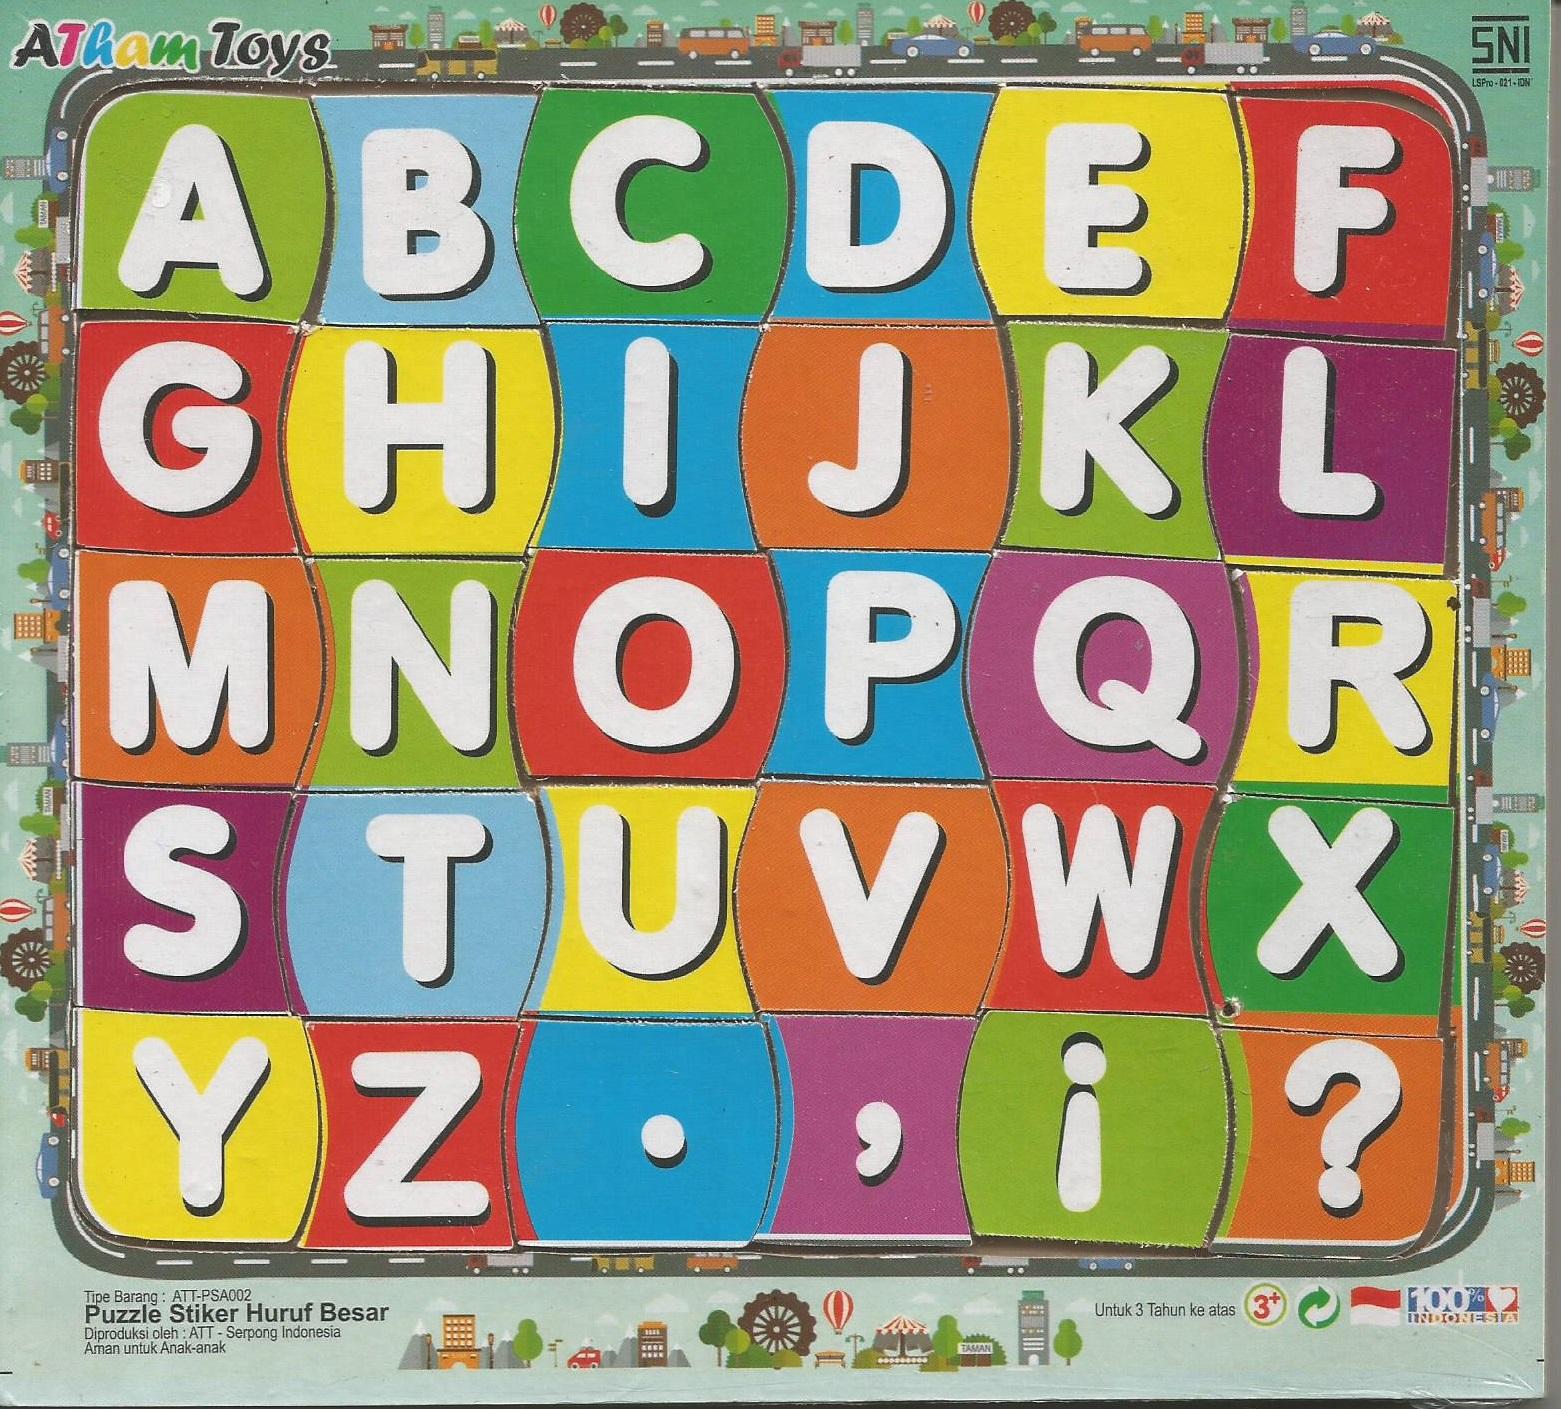 Puzzle Sticker Huruf Besar 17x20 Mainan Kayucom Kayu Stiker Buah Dan Sayur Gambar Lainnya Untuk